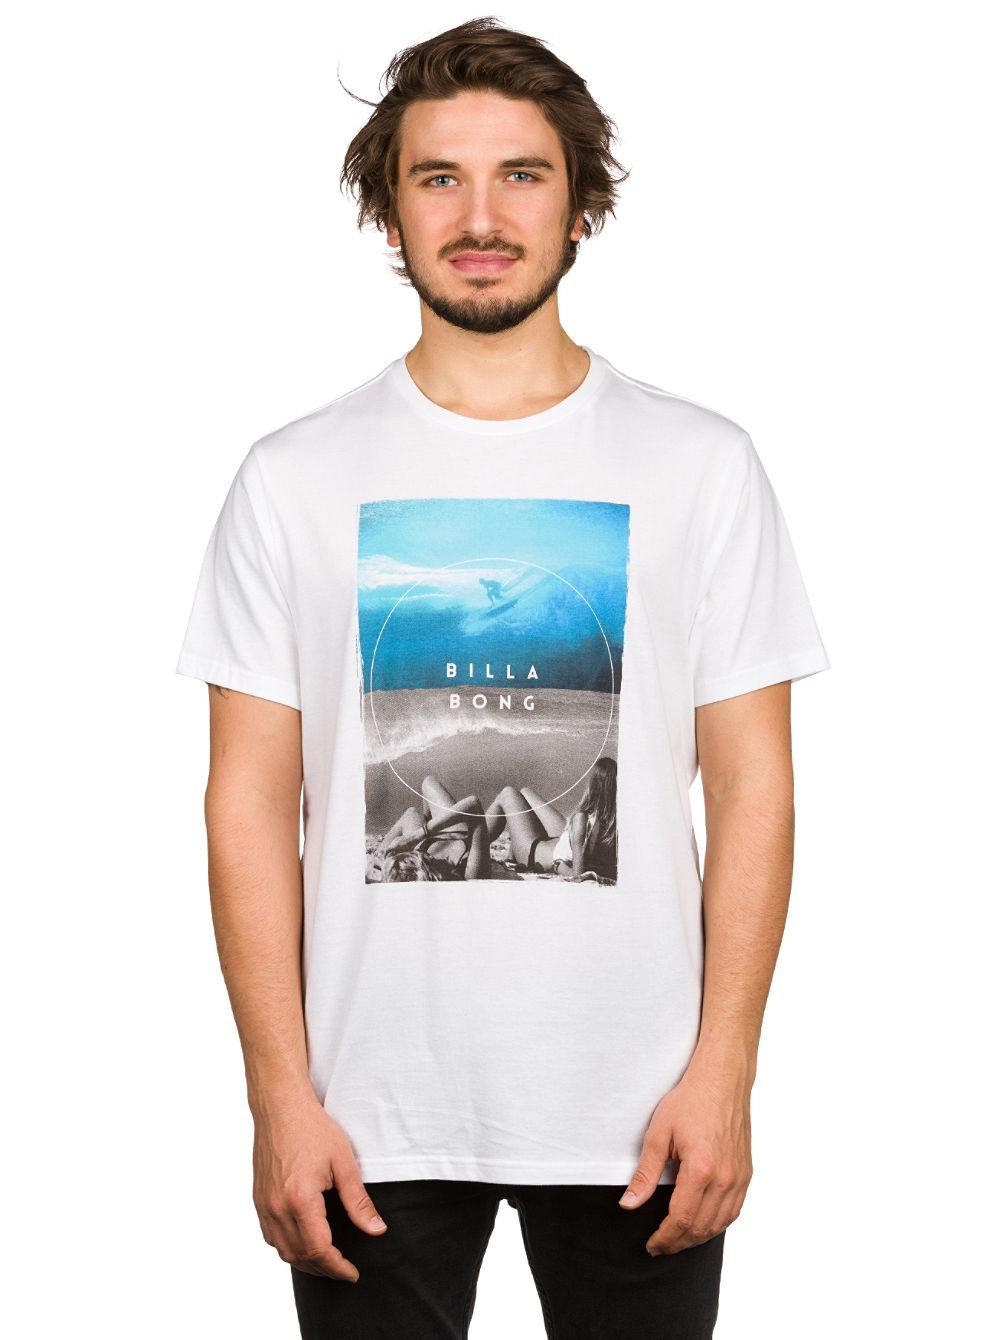 billabong-memories-t-shirt